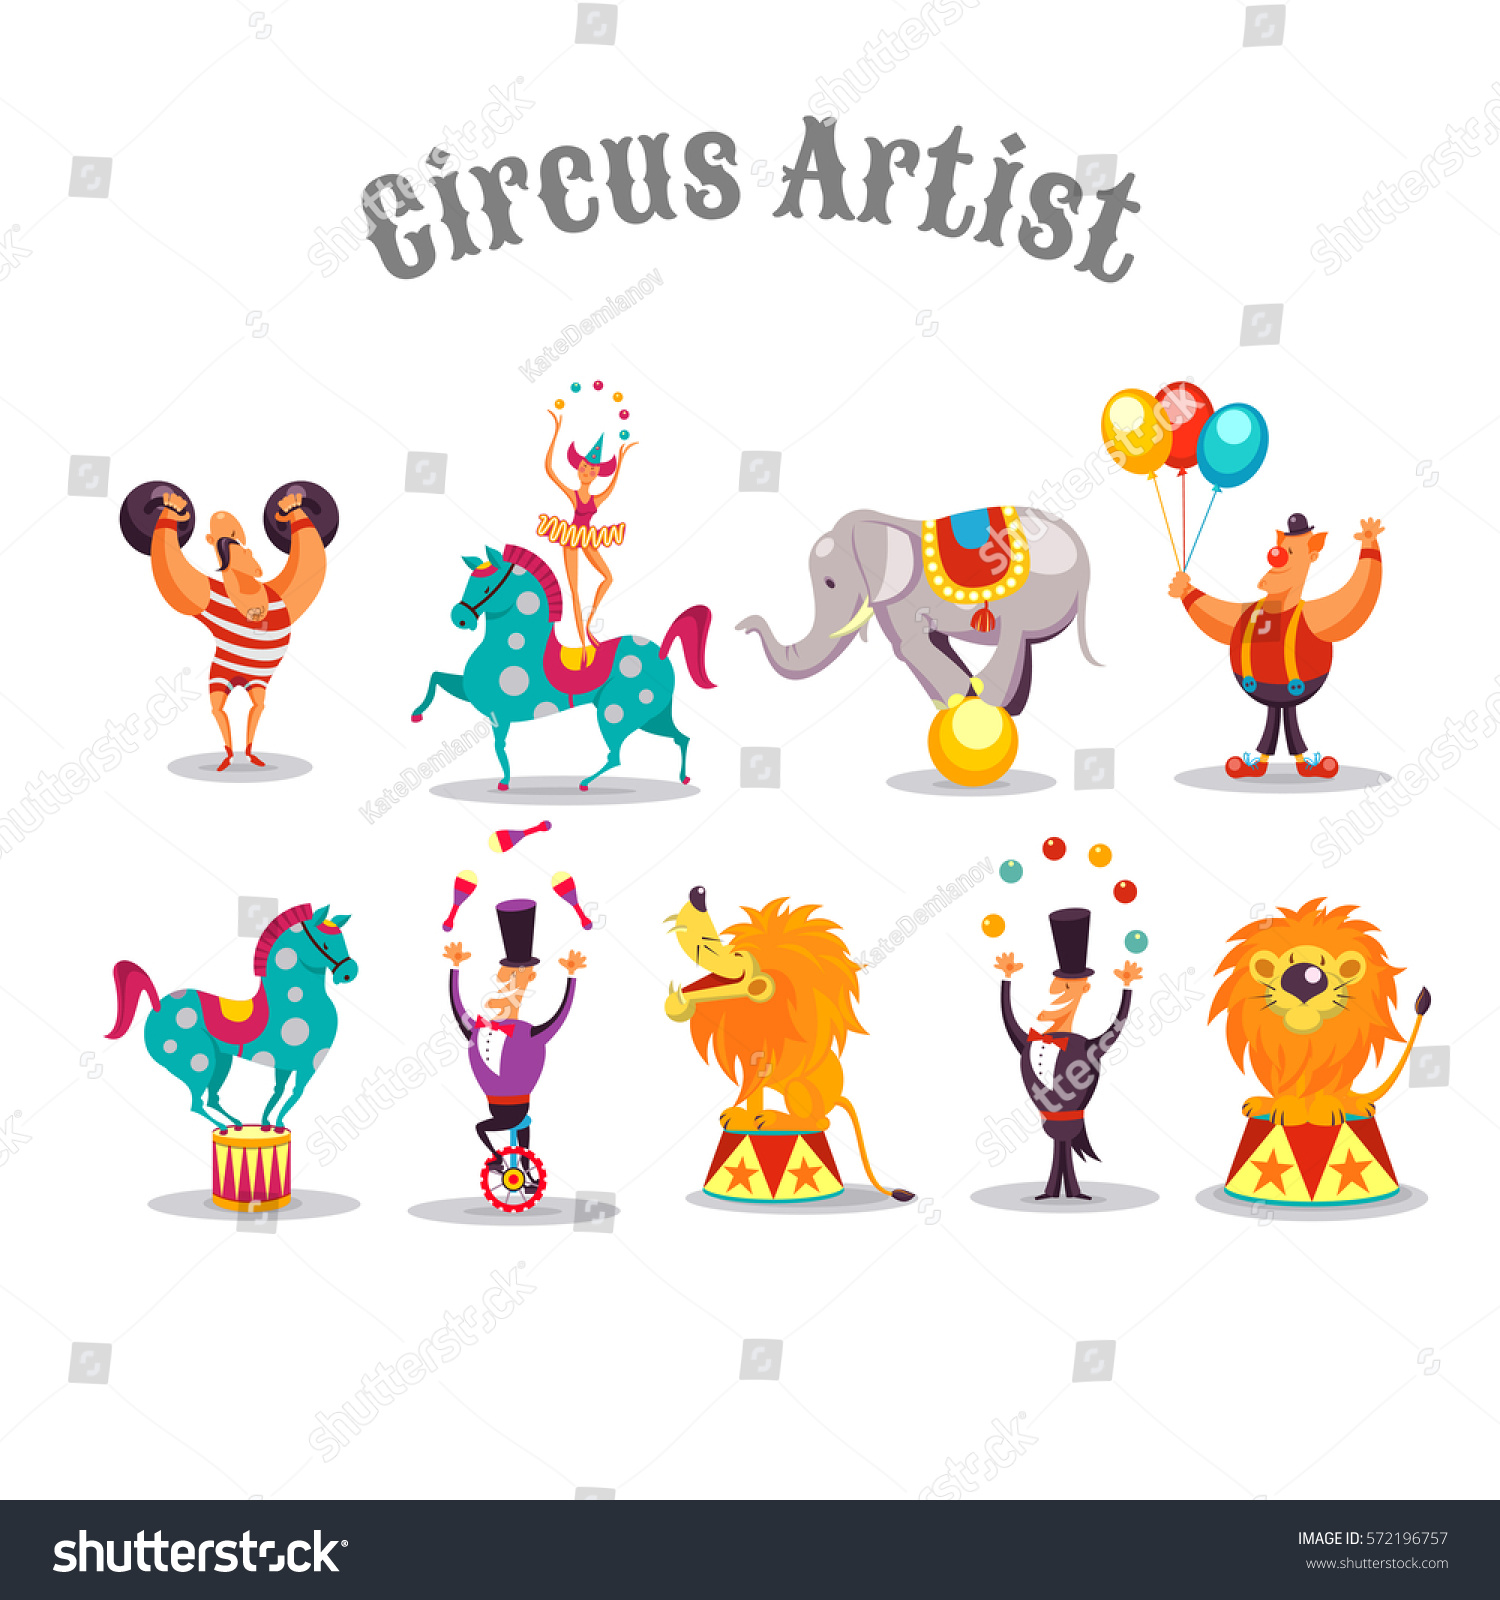 Circus acrobat cartoon - photo#32